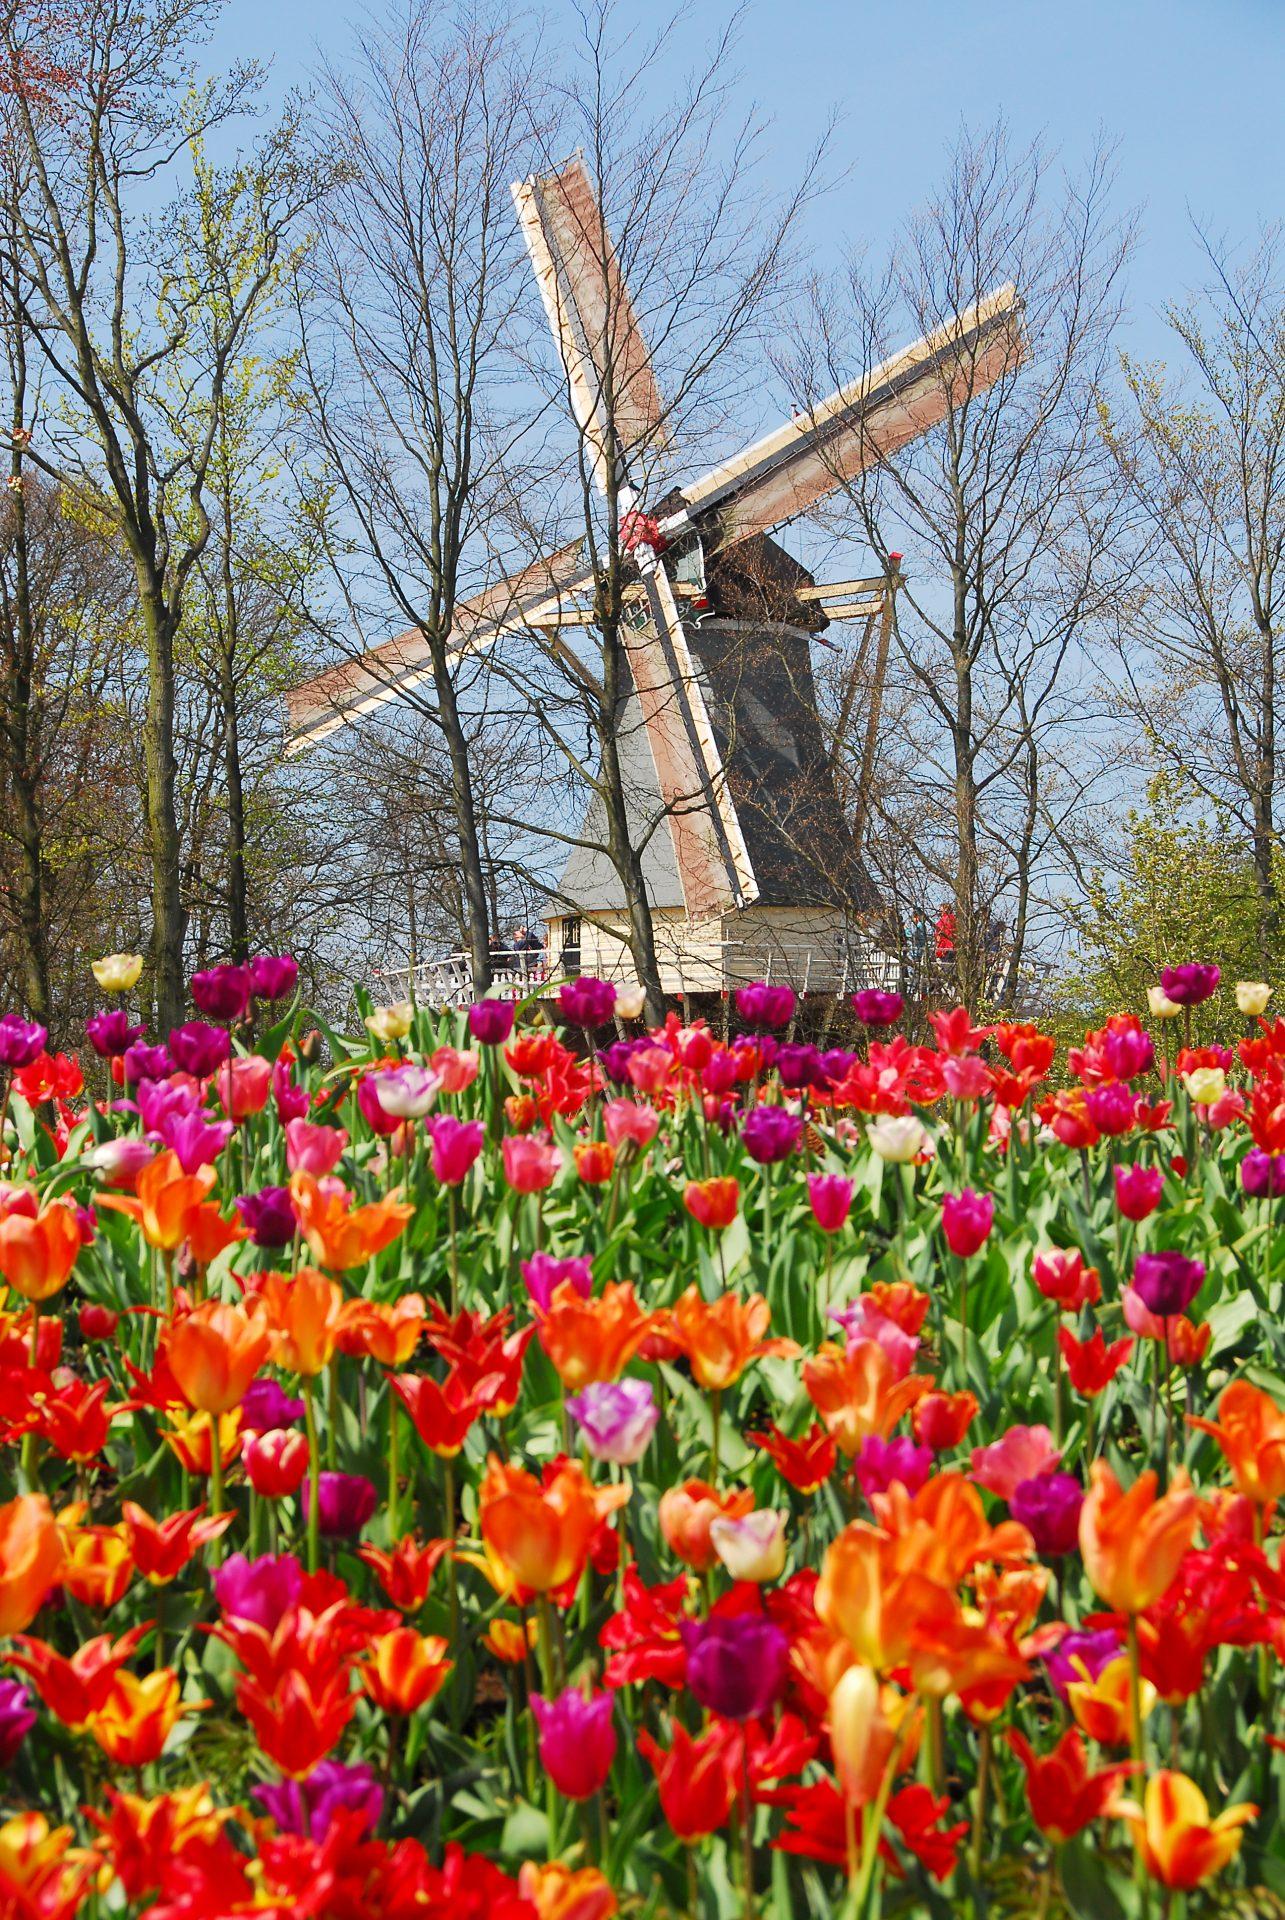 Keukenhof Miffy é o nome carinhoso dado pelos holandeses ao moinho de vento do parque, que tem + de 100 anos